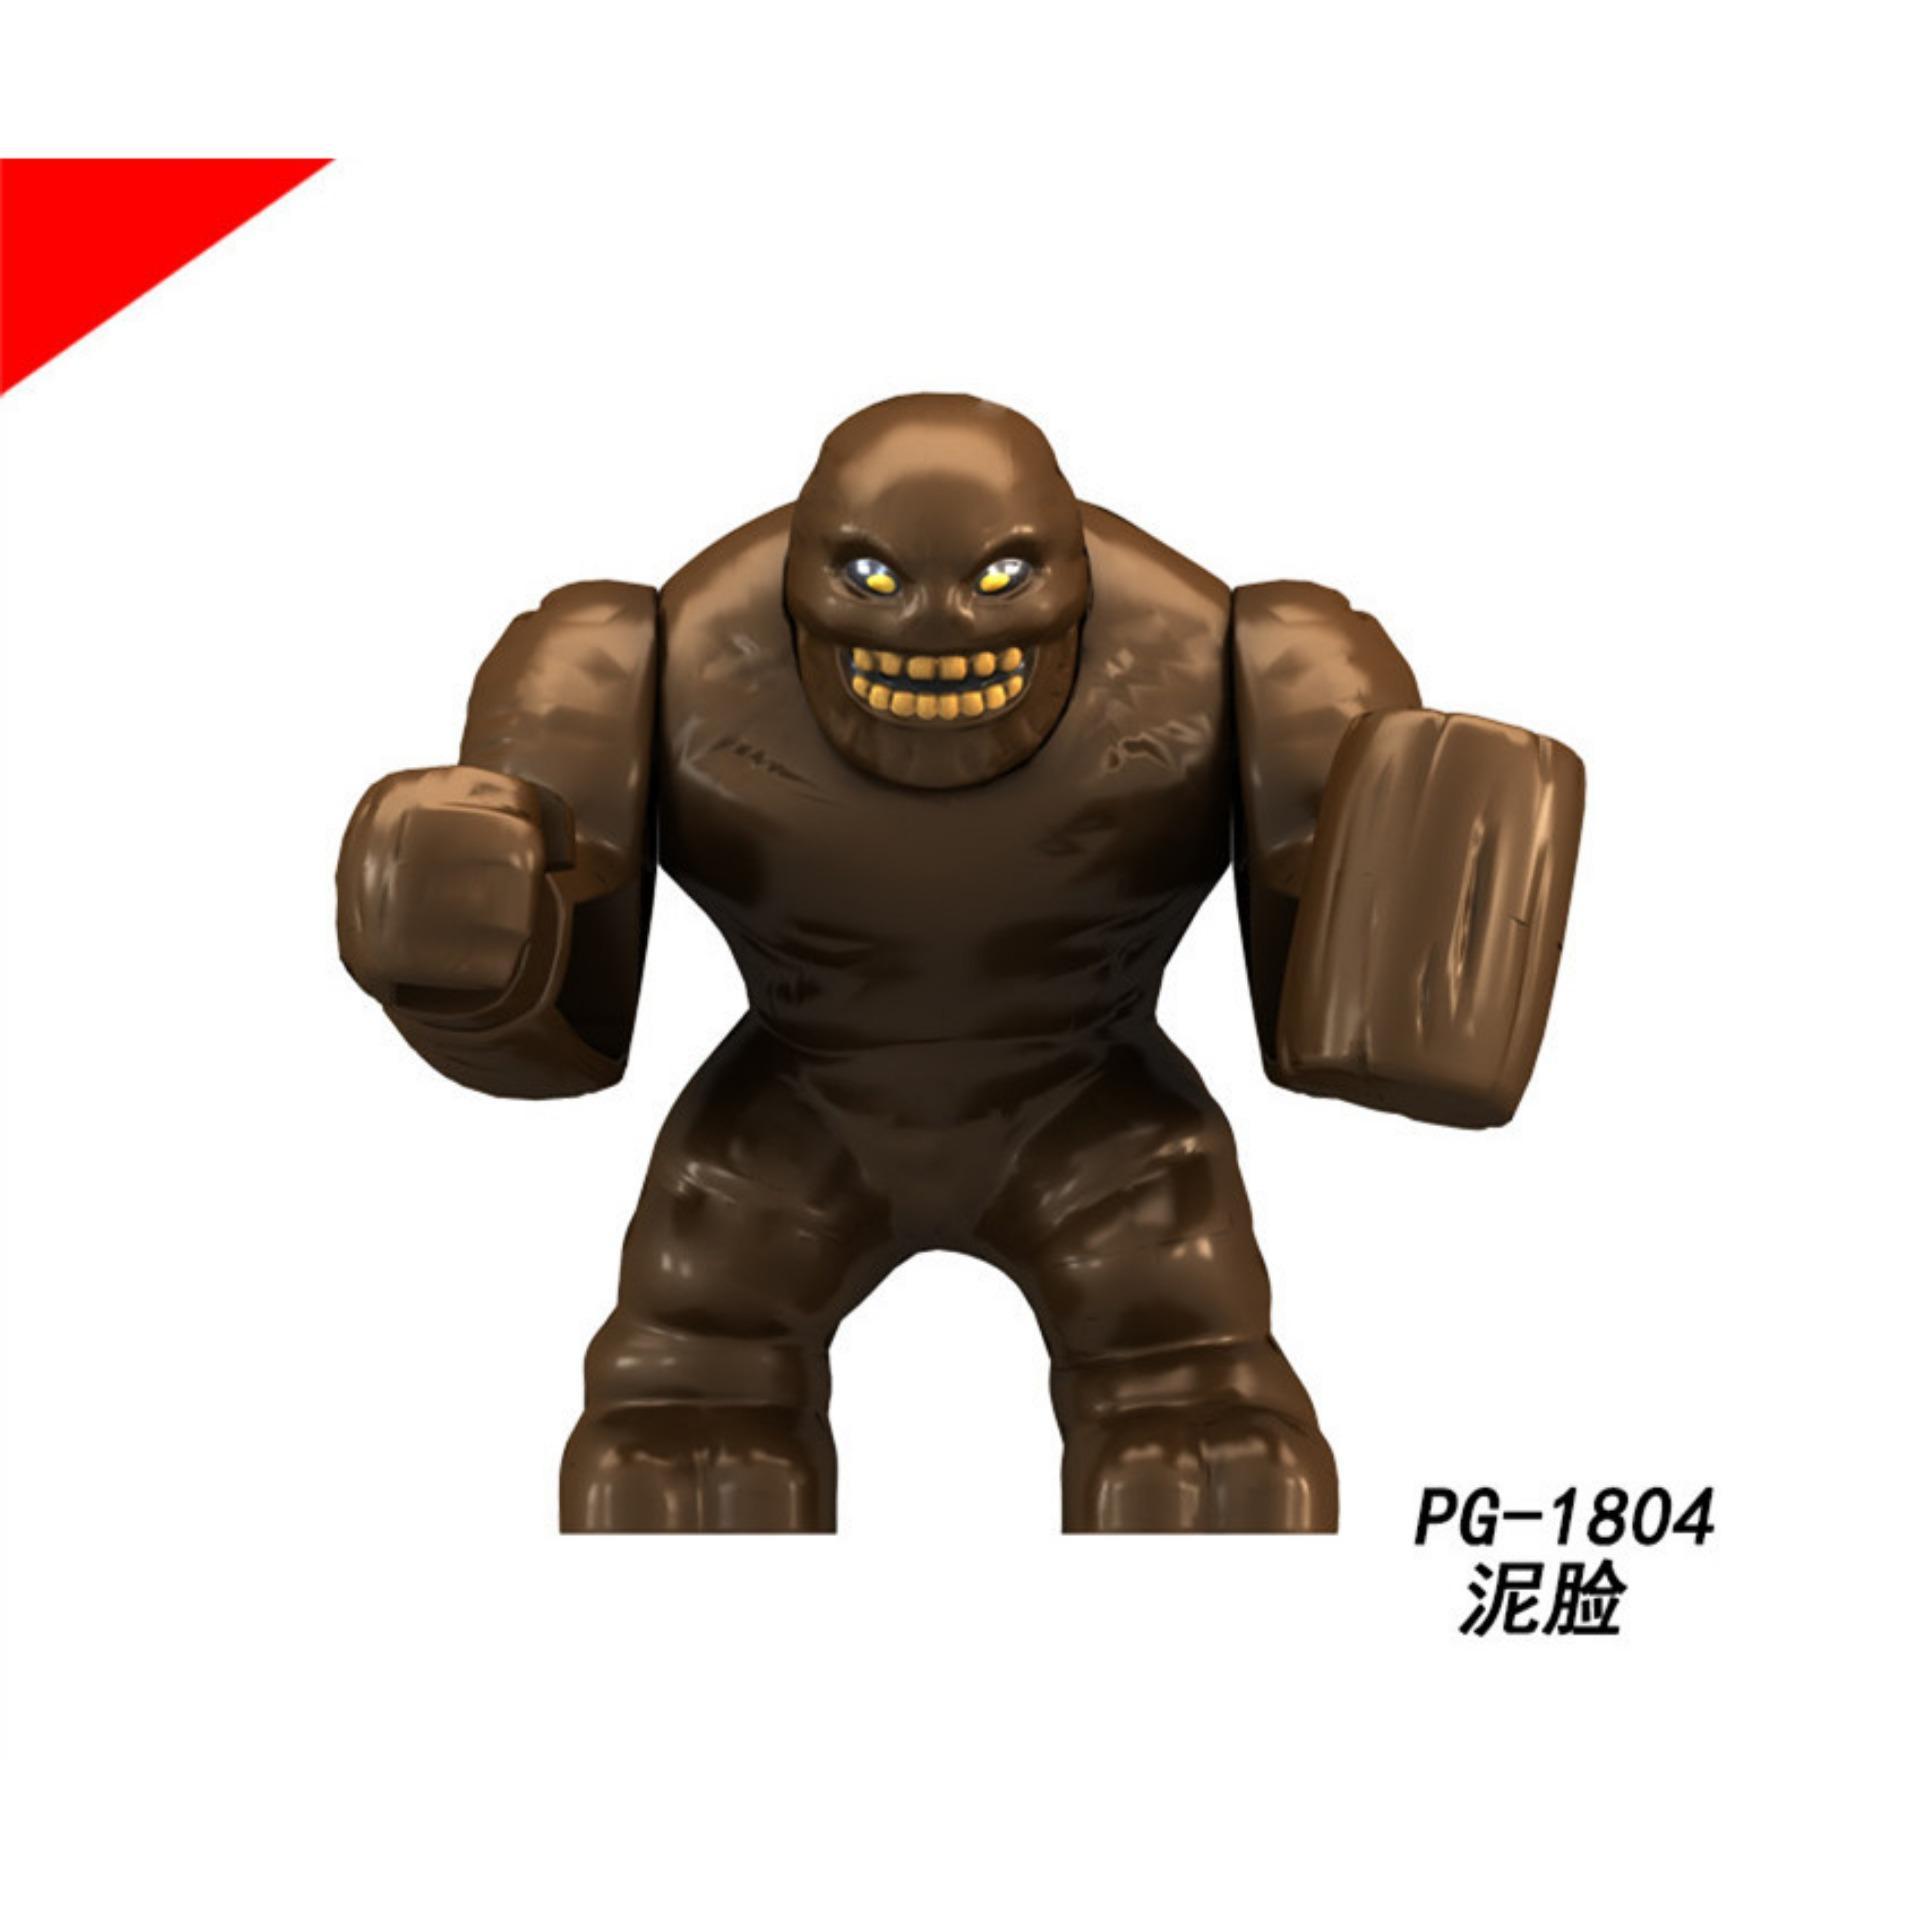 Hình ảnh Lego BigFig PG-1804